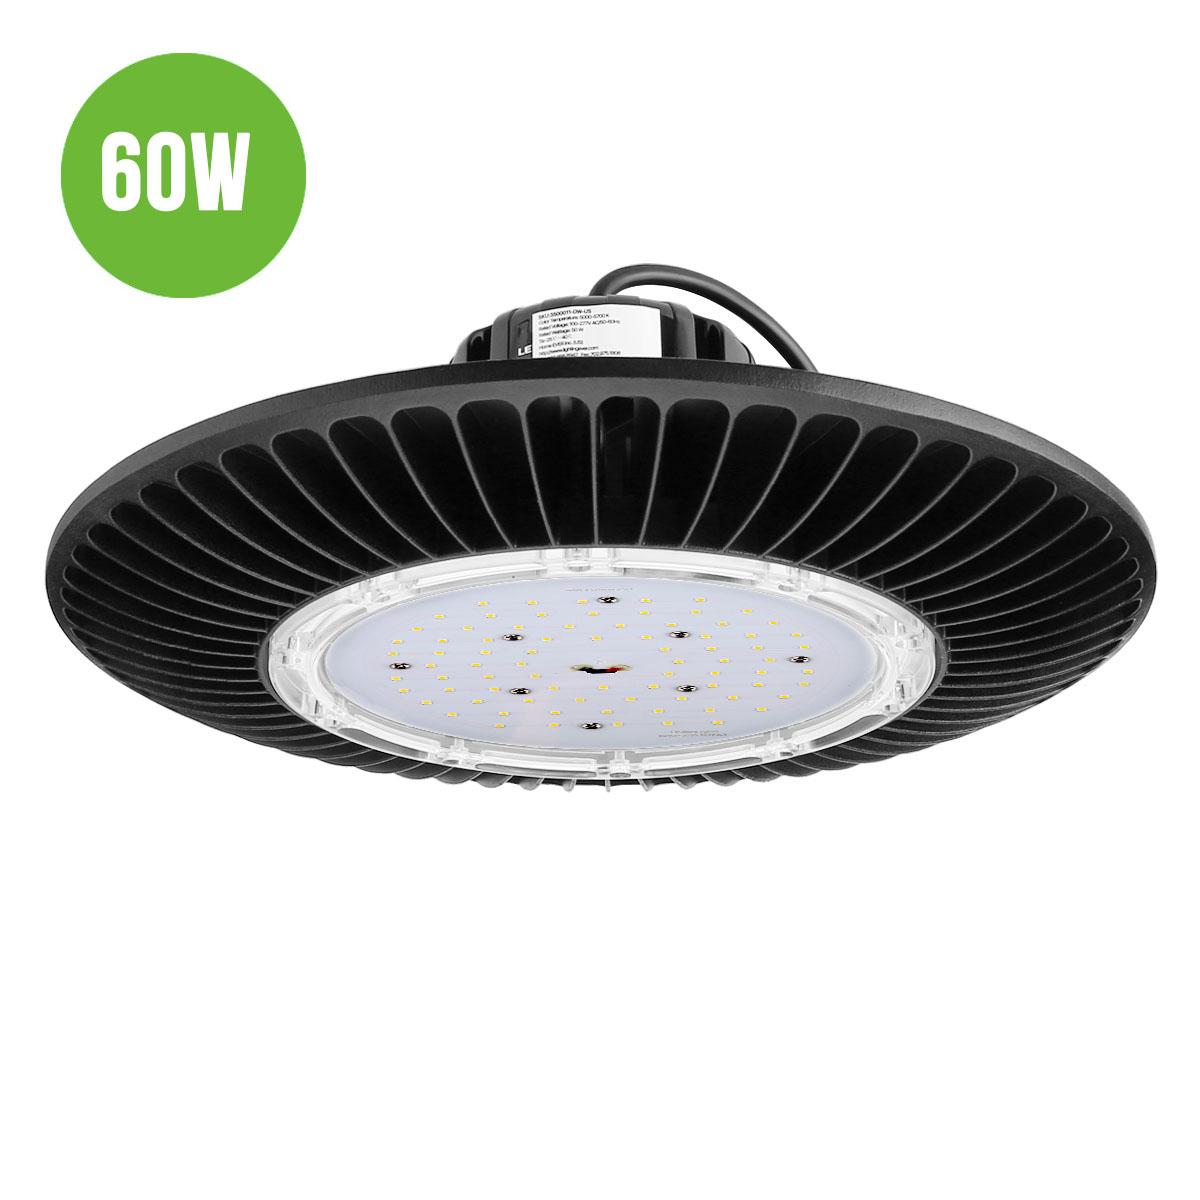 60W LED UFO Hallenstrahler, 7200lm Hallenbeleuchtung, wasserfeste Industrielampe, ersetzt 150W Halogen Metalldampflampe, Kaltweiß